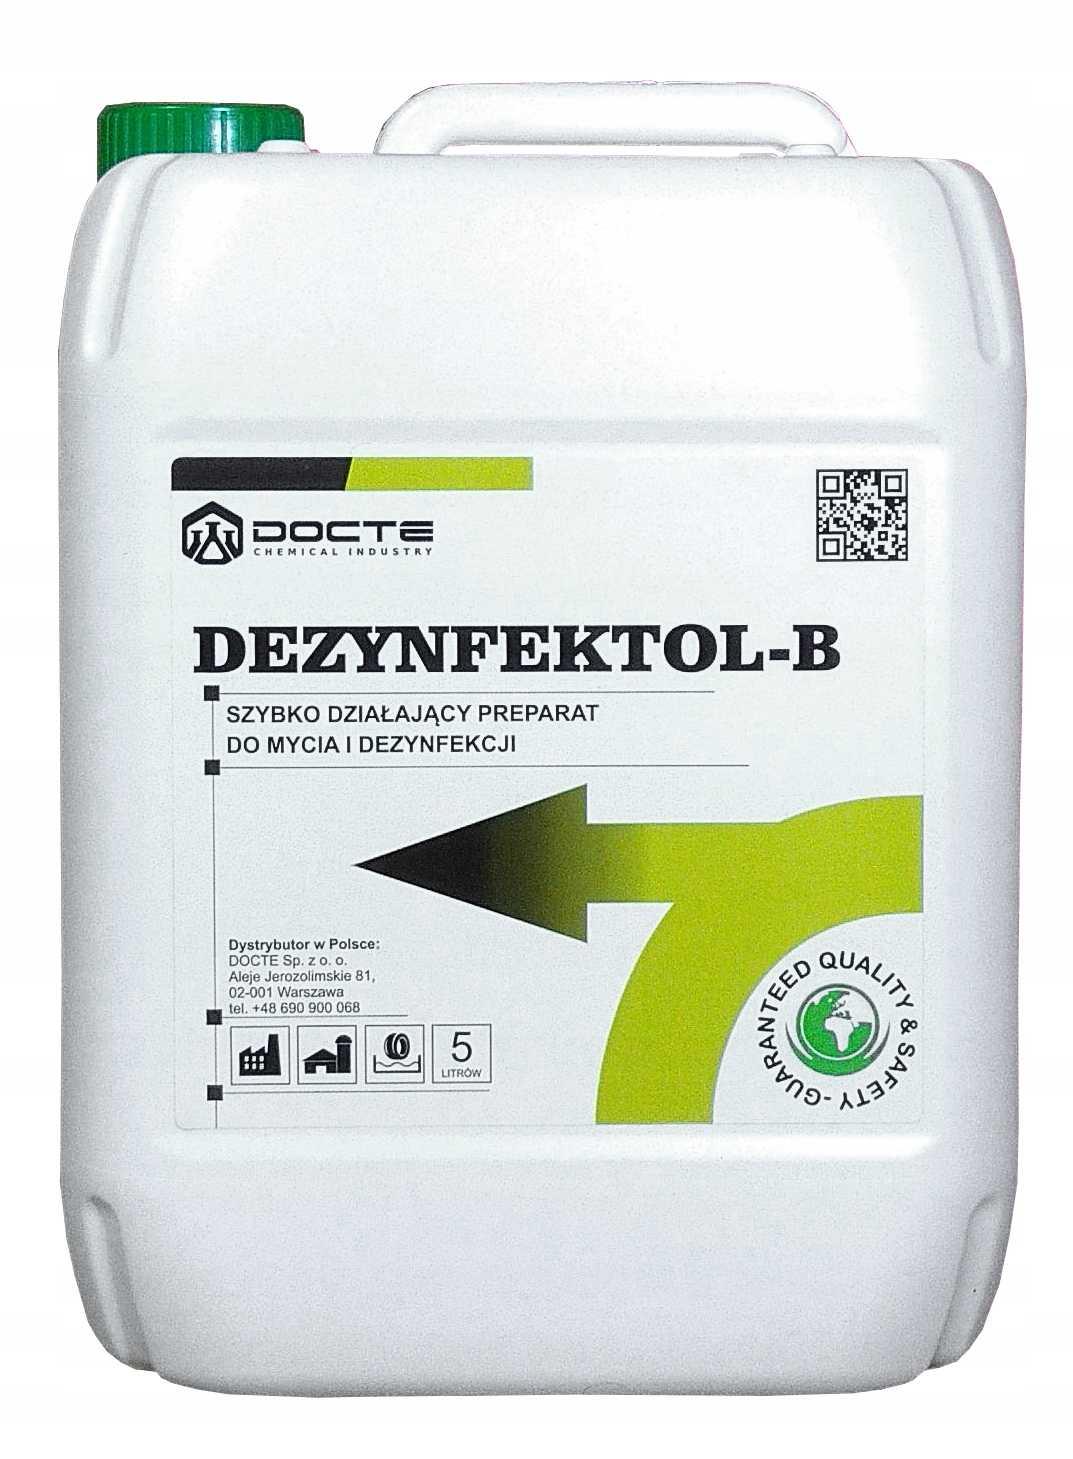 dezynfektol b do dezynfekcji